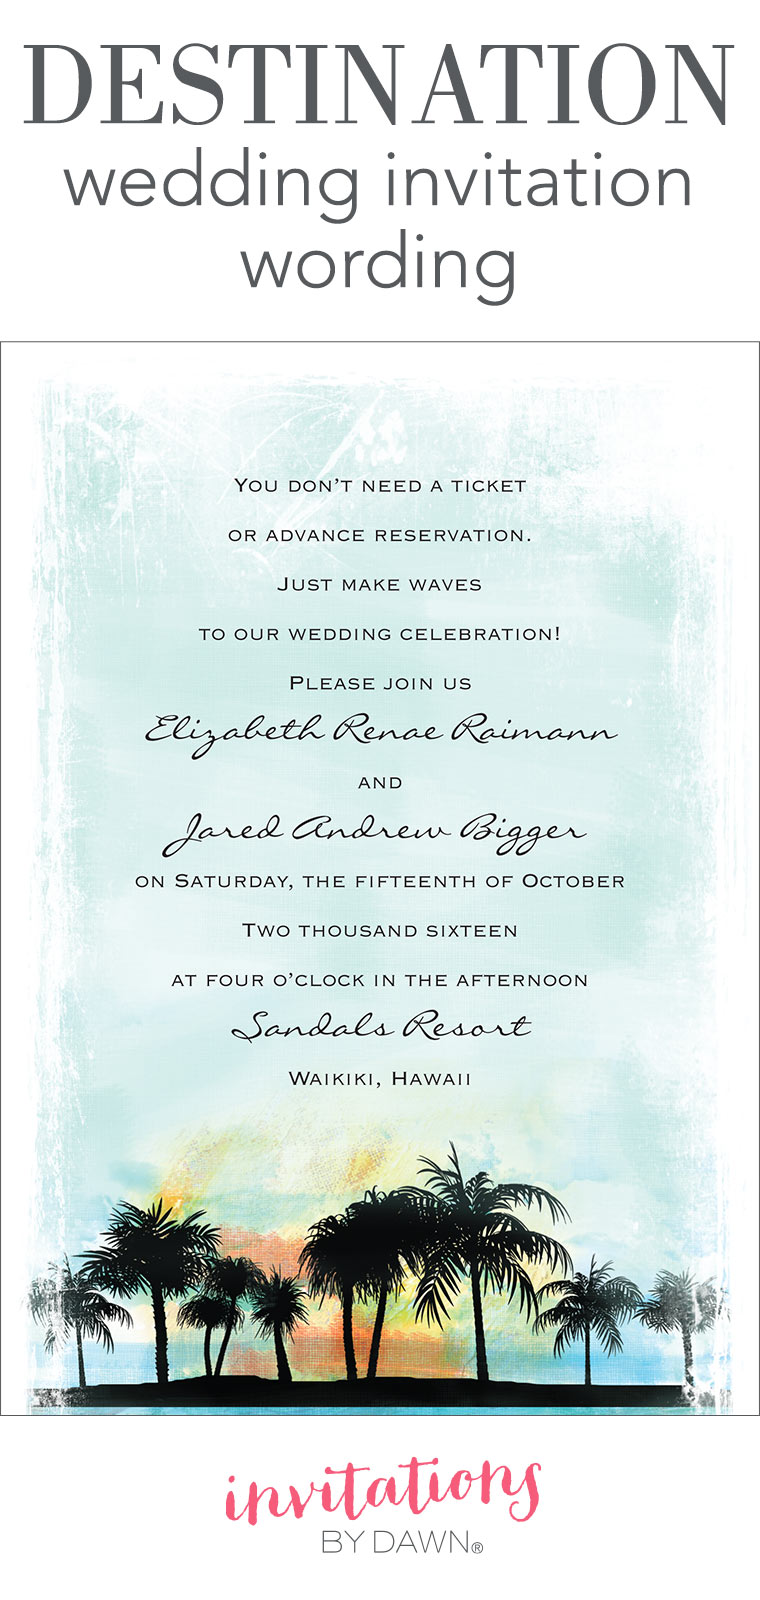 Martha stewart weddings invitation wording for Wedding invitations wording martha stewart